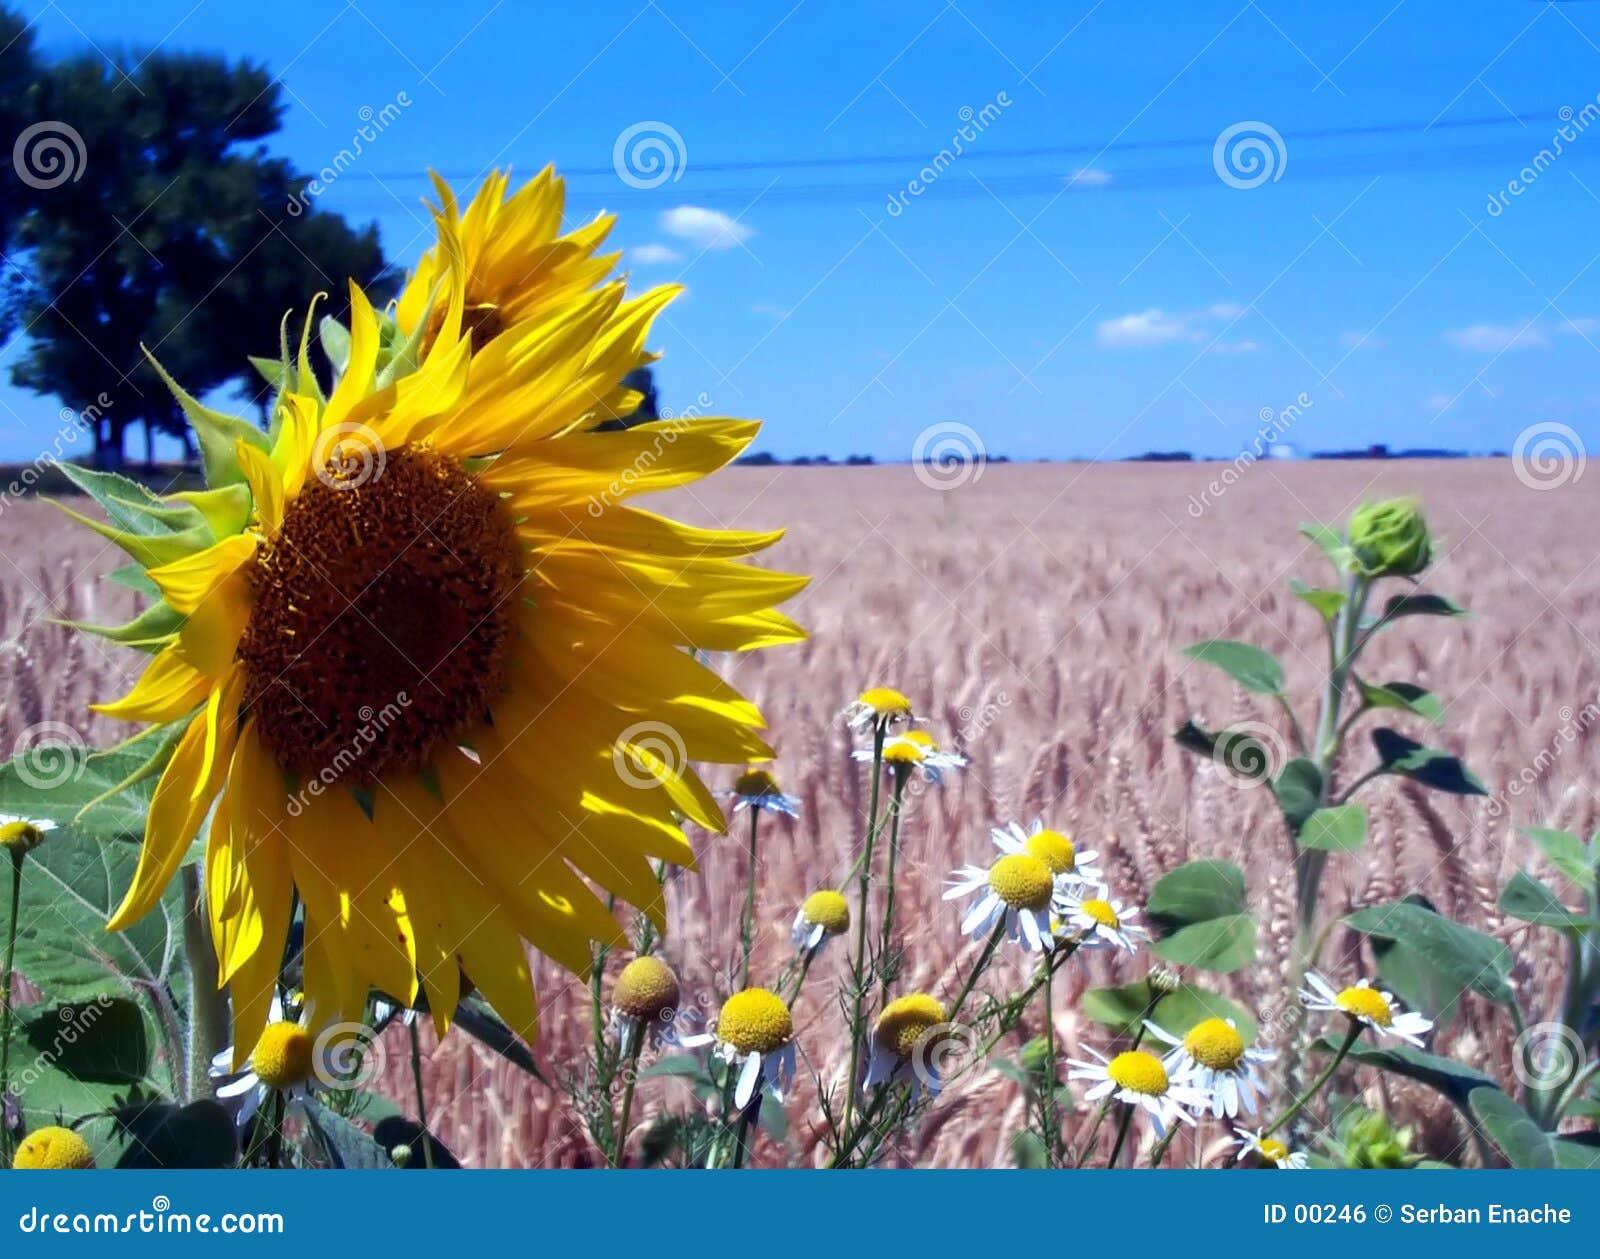 Felder des blauen Himmels, der Sonnenblume und des Weizens